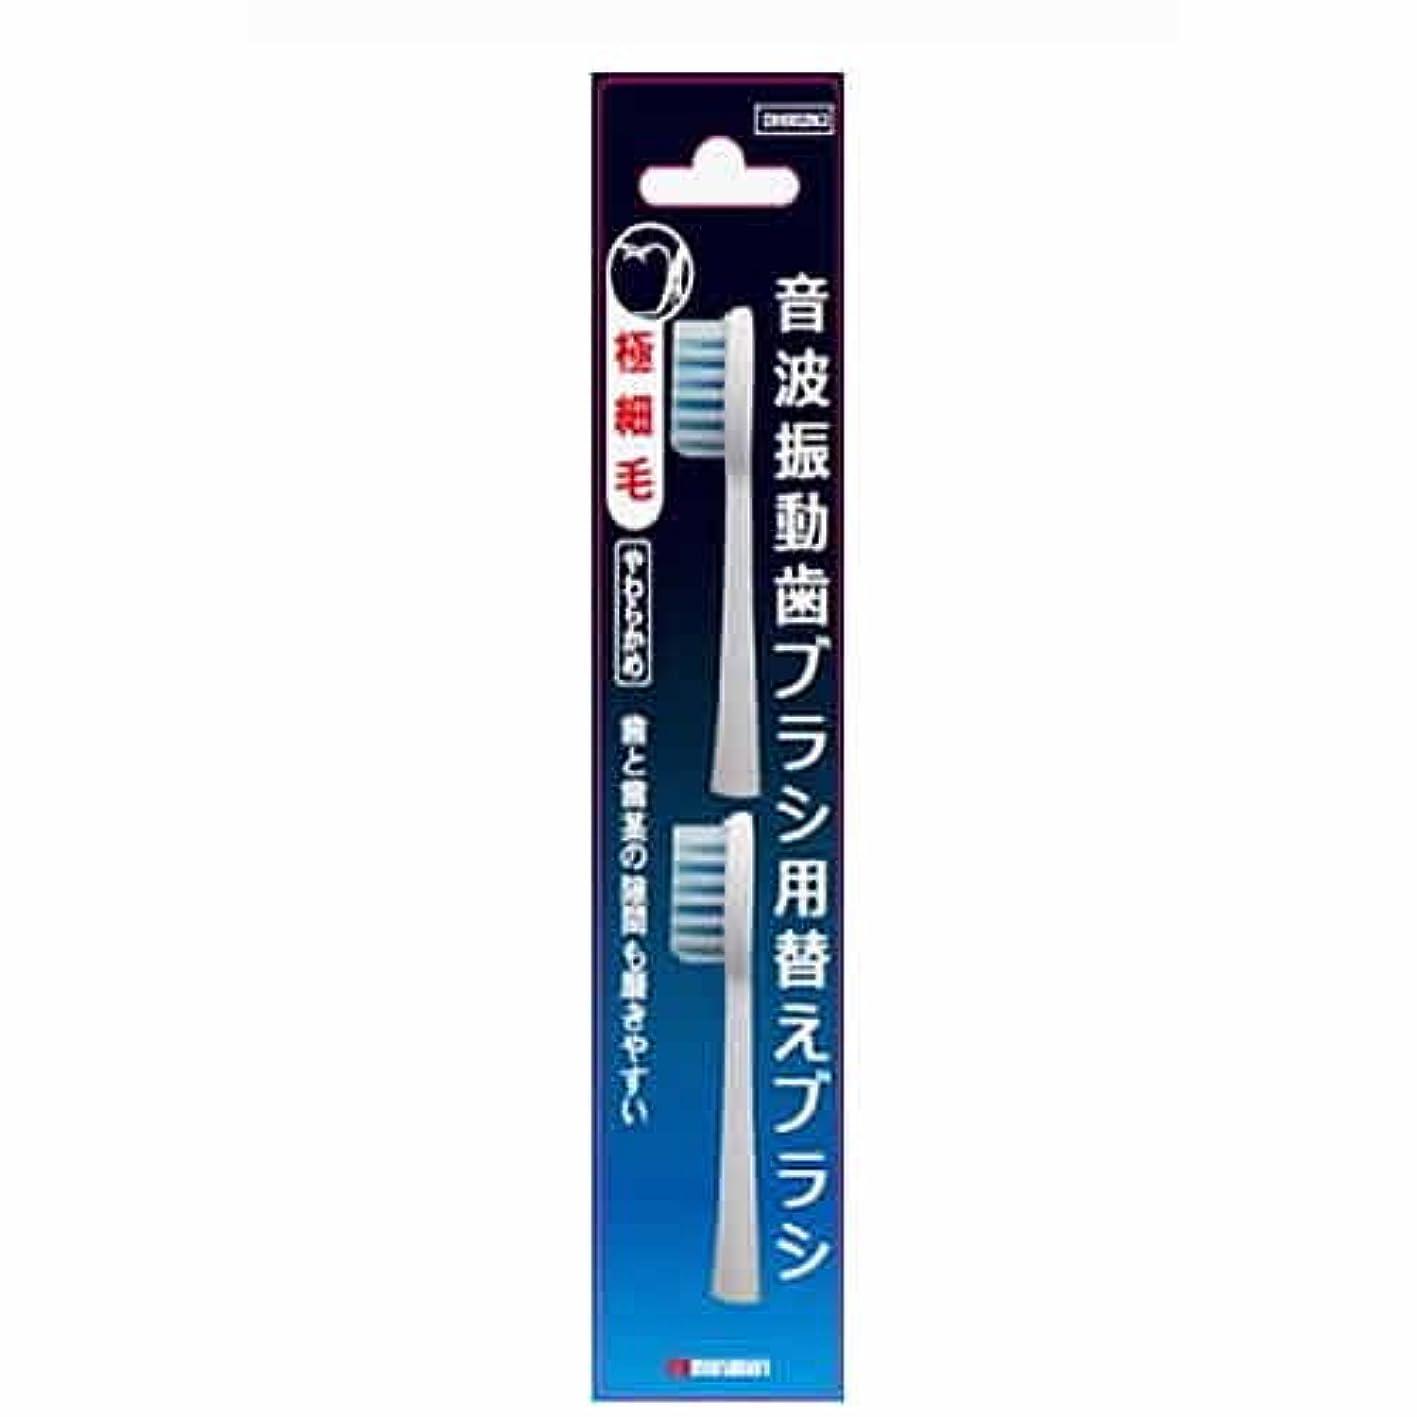 遠い安定した所得マルマン 電動歯ブラシ ミニモ/プロソニック1/プロソニック2/プロソニック3 対応 替えブラシ 極細毛 DK002N2 2本組